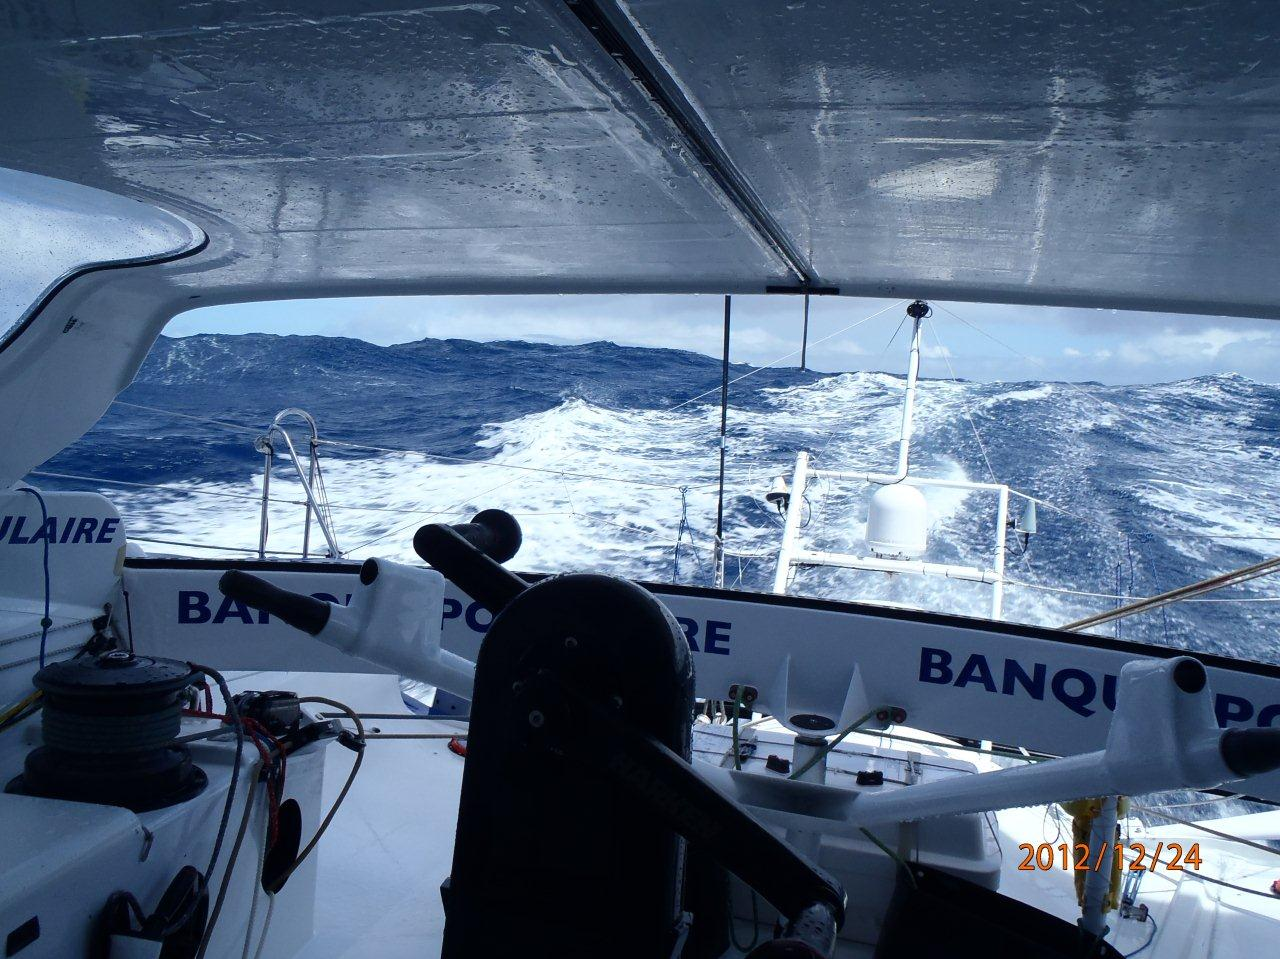 Photos envoyées du bord 24-11-12 - Océan Pacifique - Veille de Noël / BPCE